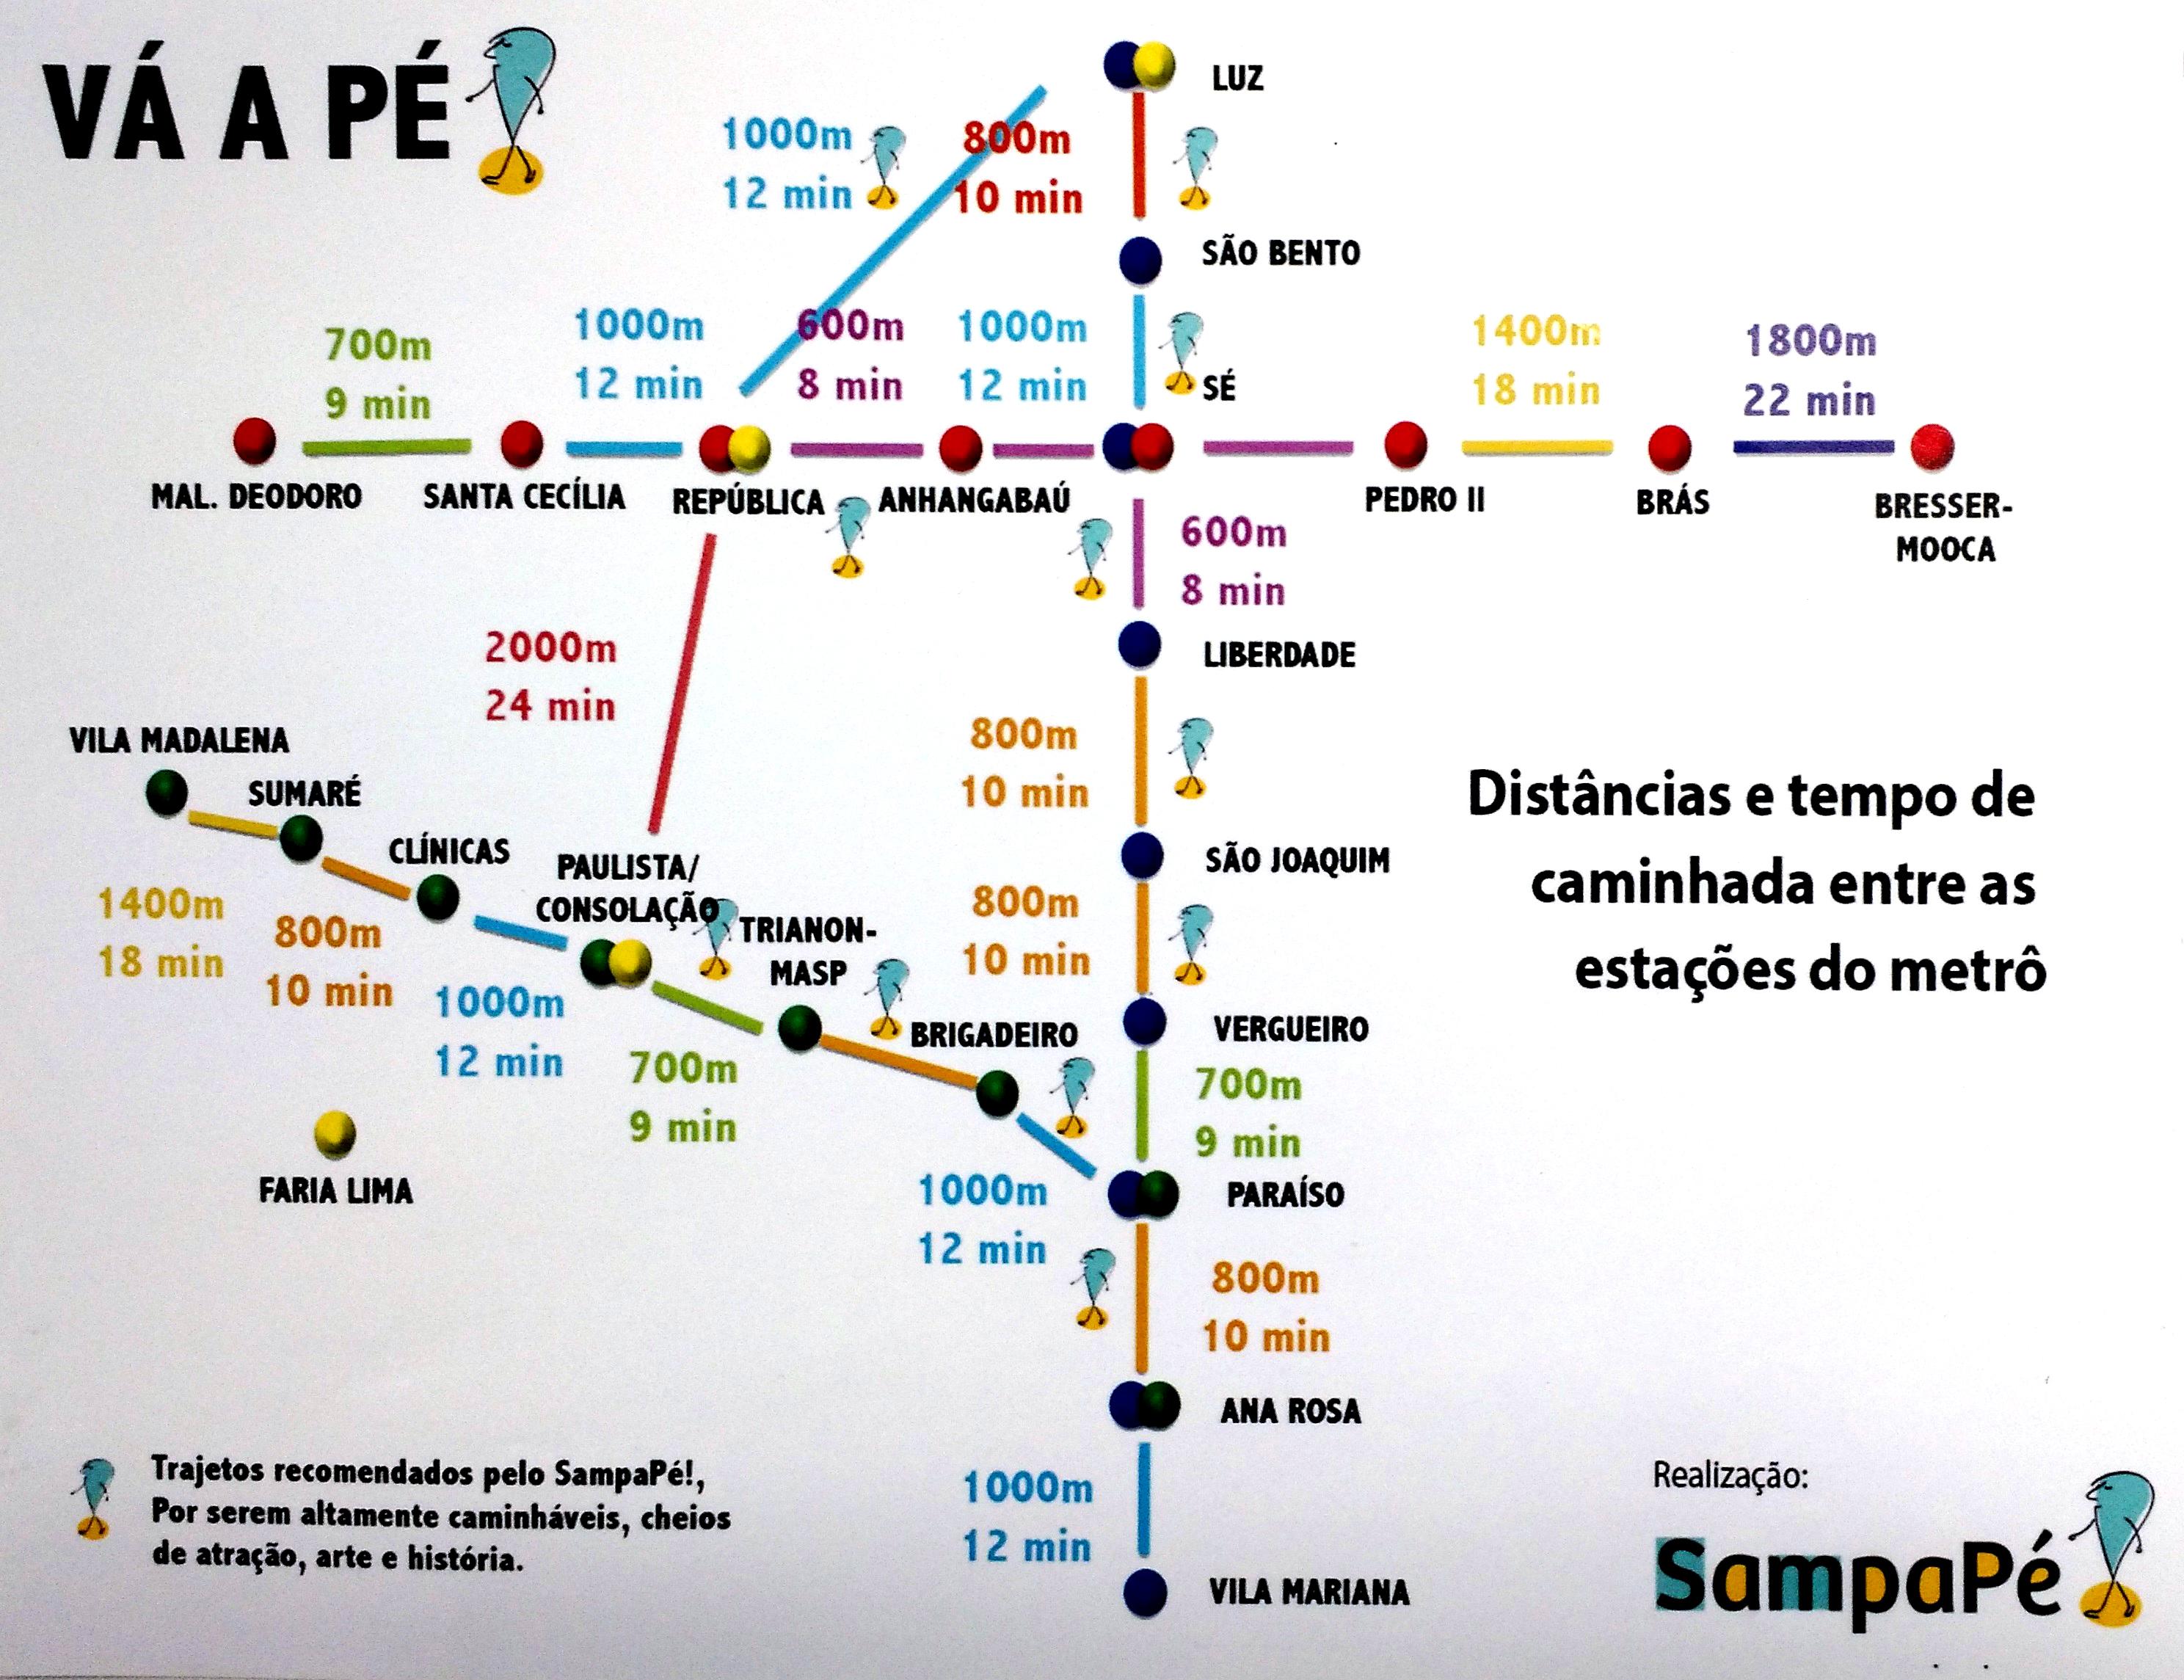 Mapa com as distâncias a pé entre uma estação de metrô e outra